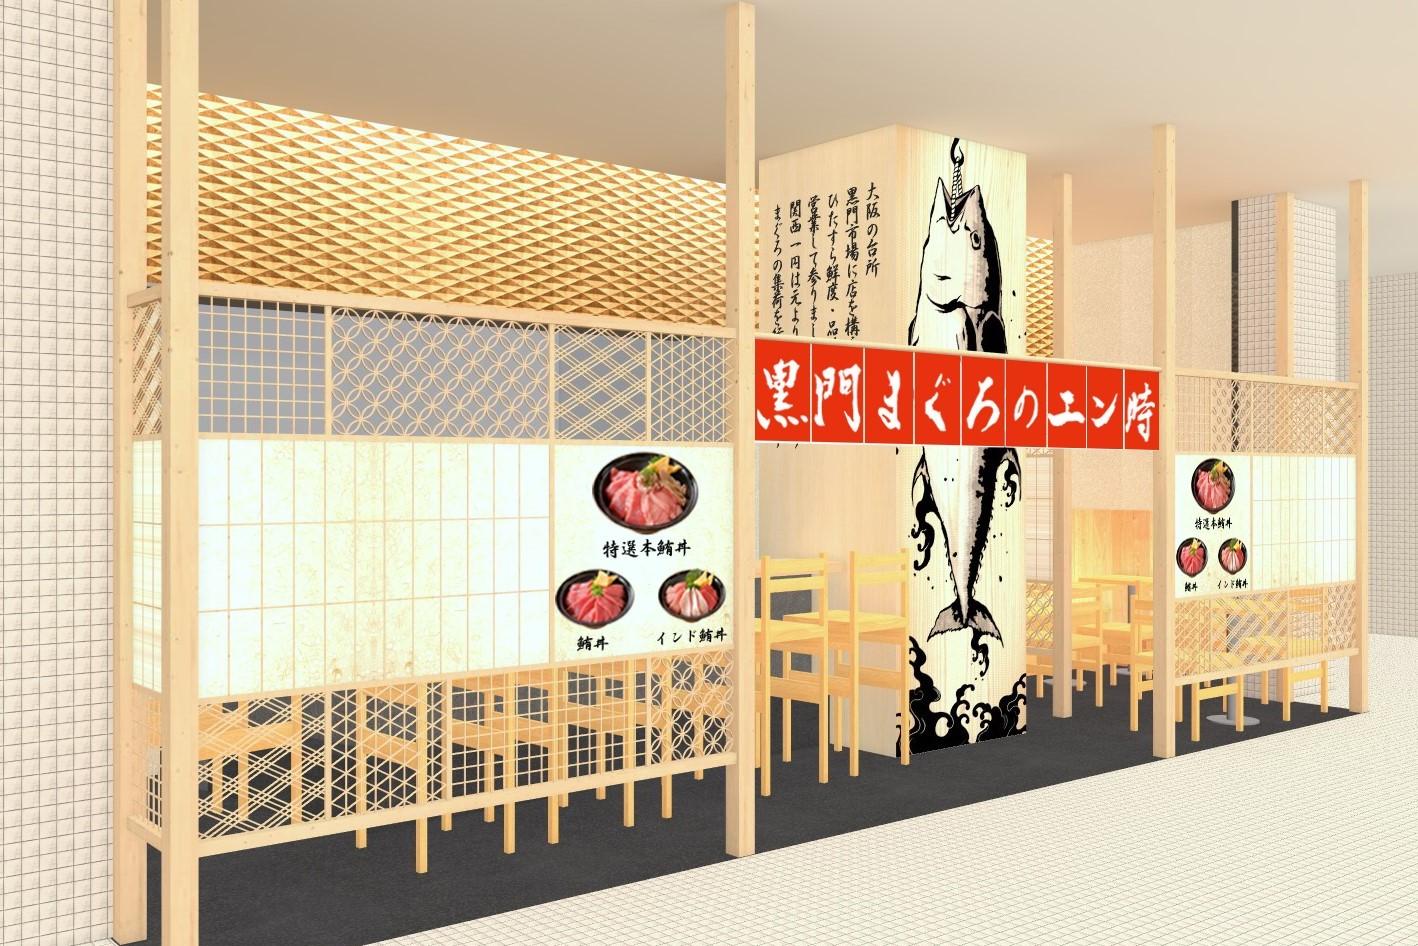 2018年3月下旬 大阪難波の商業施設にて 『黒門まぐろのエン時』難波店OPEN!!